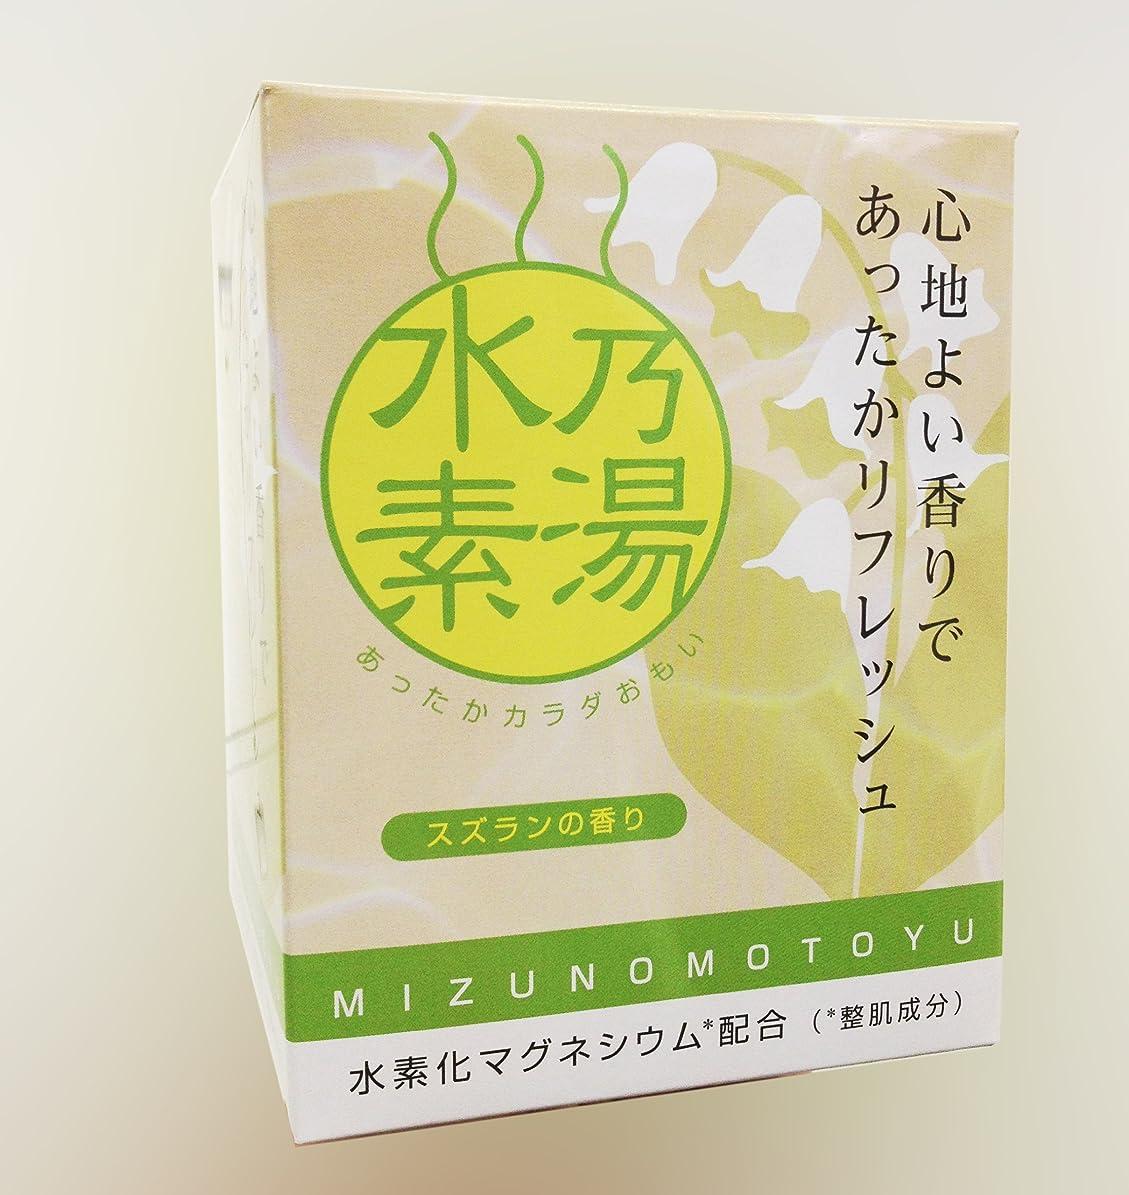 ボリューム装備する寛容な水乃素湯 水素化マグネシウムを使った入浴化粧料